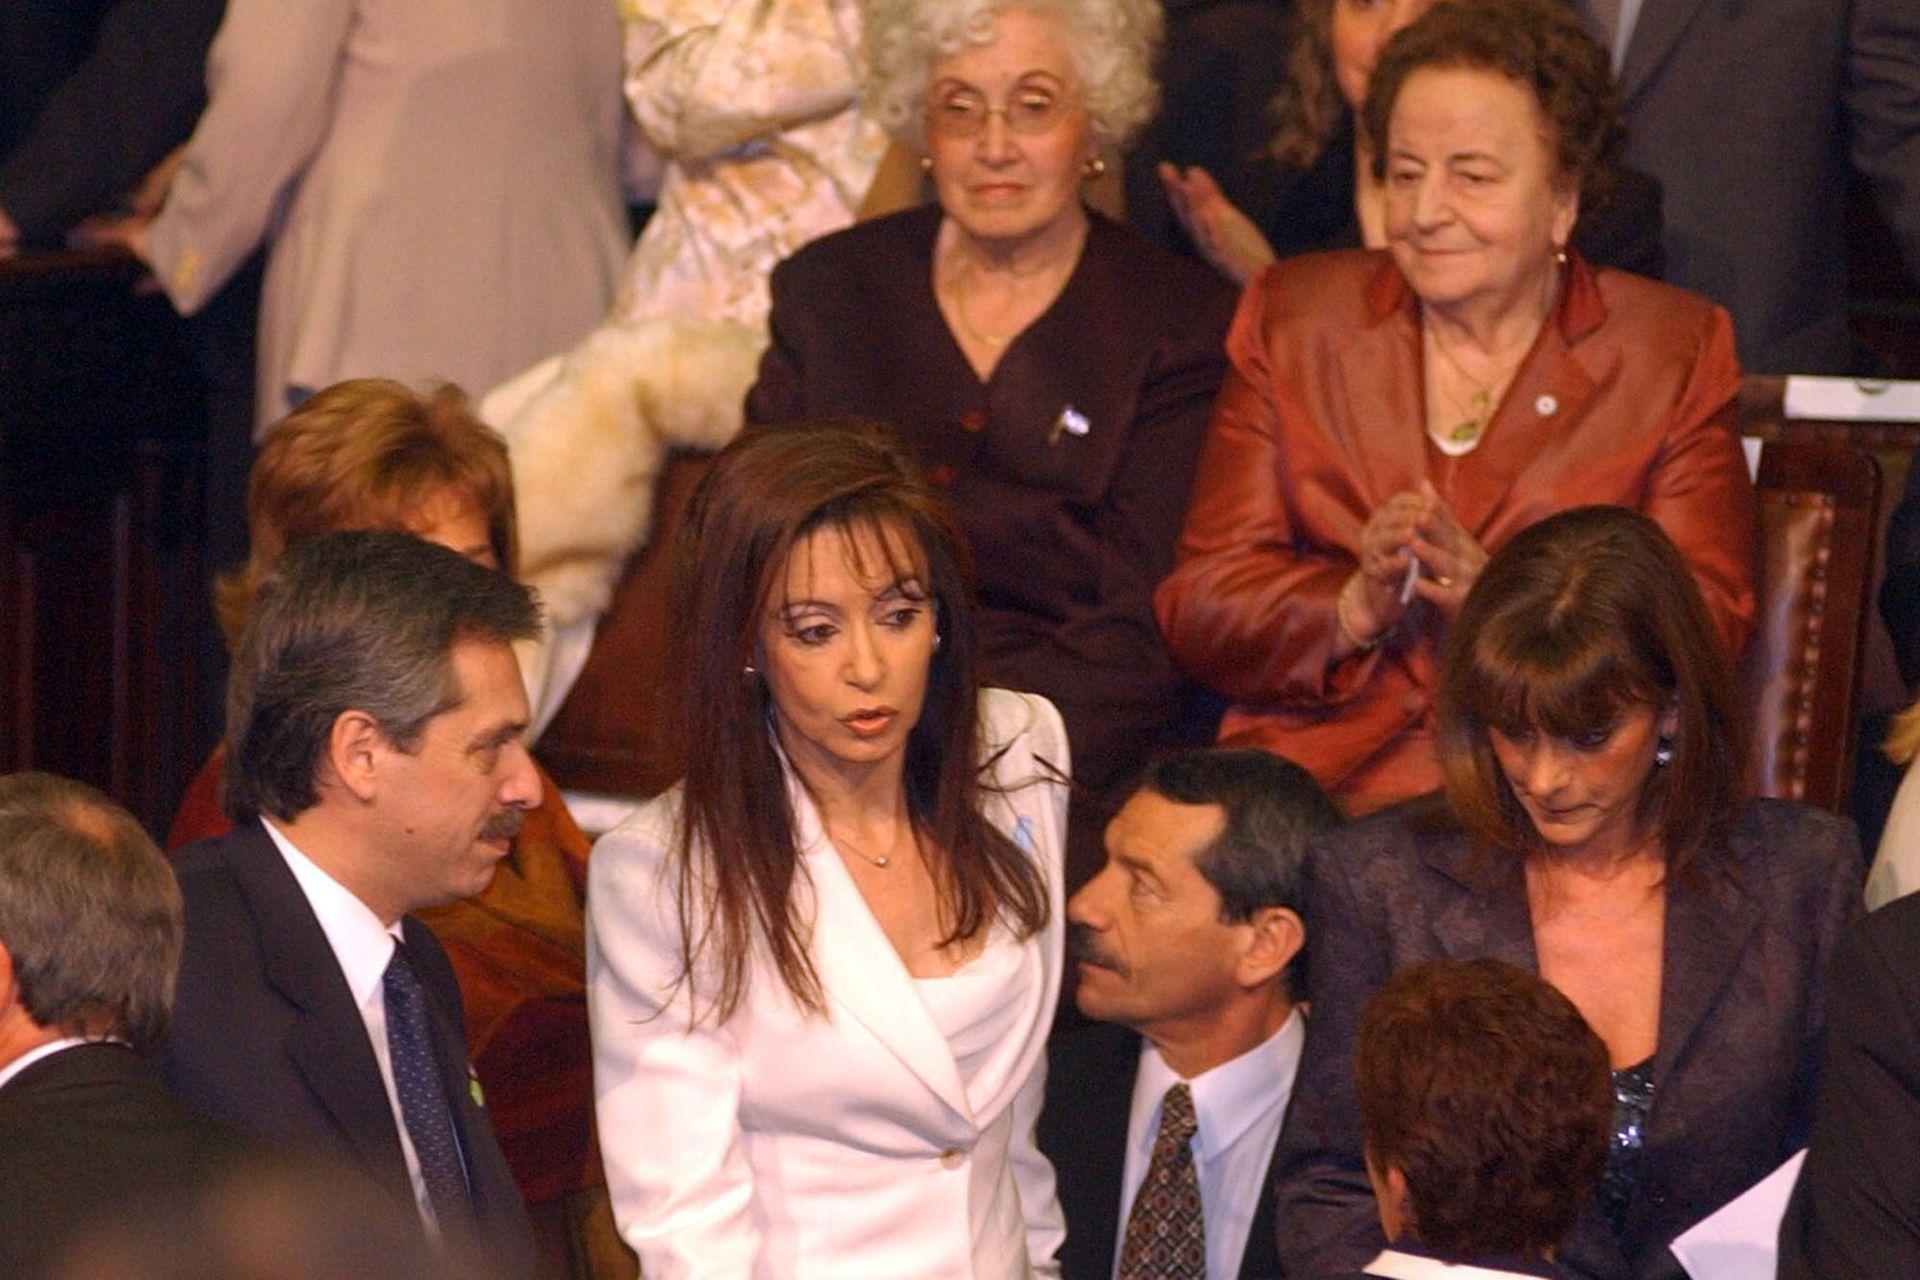 Asamblea Legislativa de la asunción de Néstor Kirchner como presidente de la Nación: Cristina Fernández de Kirchner junto al jefe de Gabinete Alberto Fernández el 25 de mayo de 2003